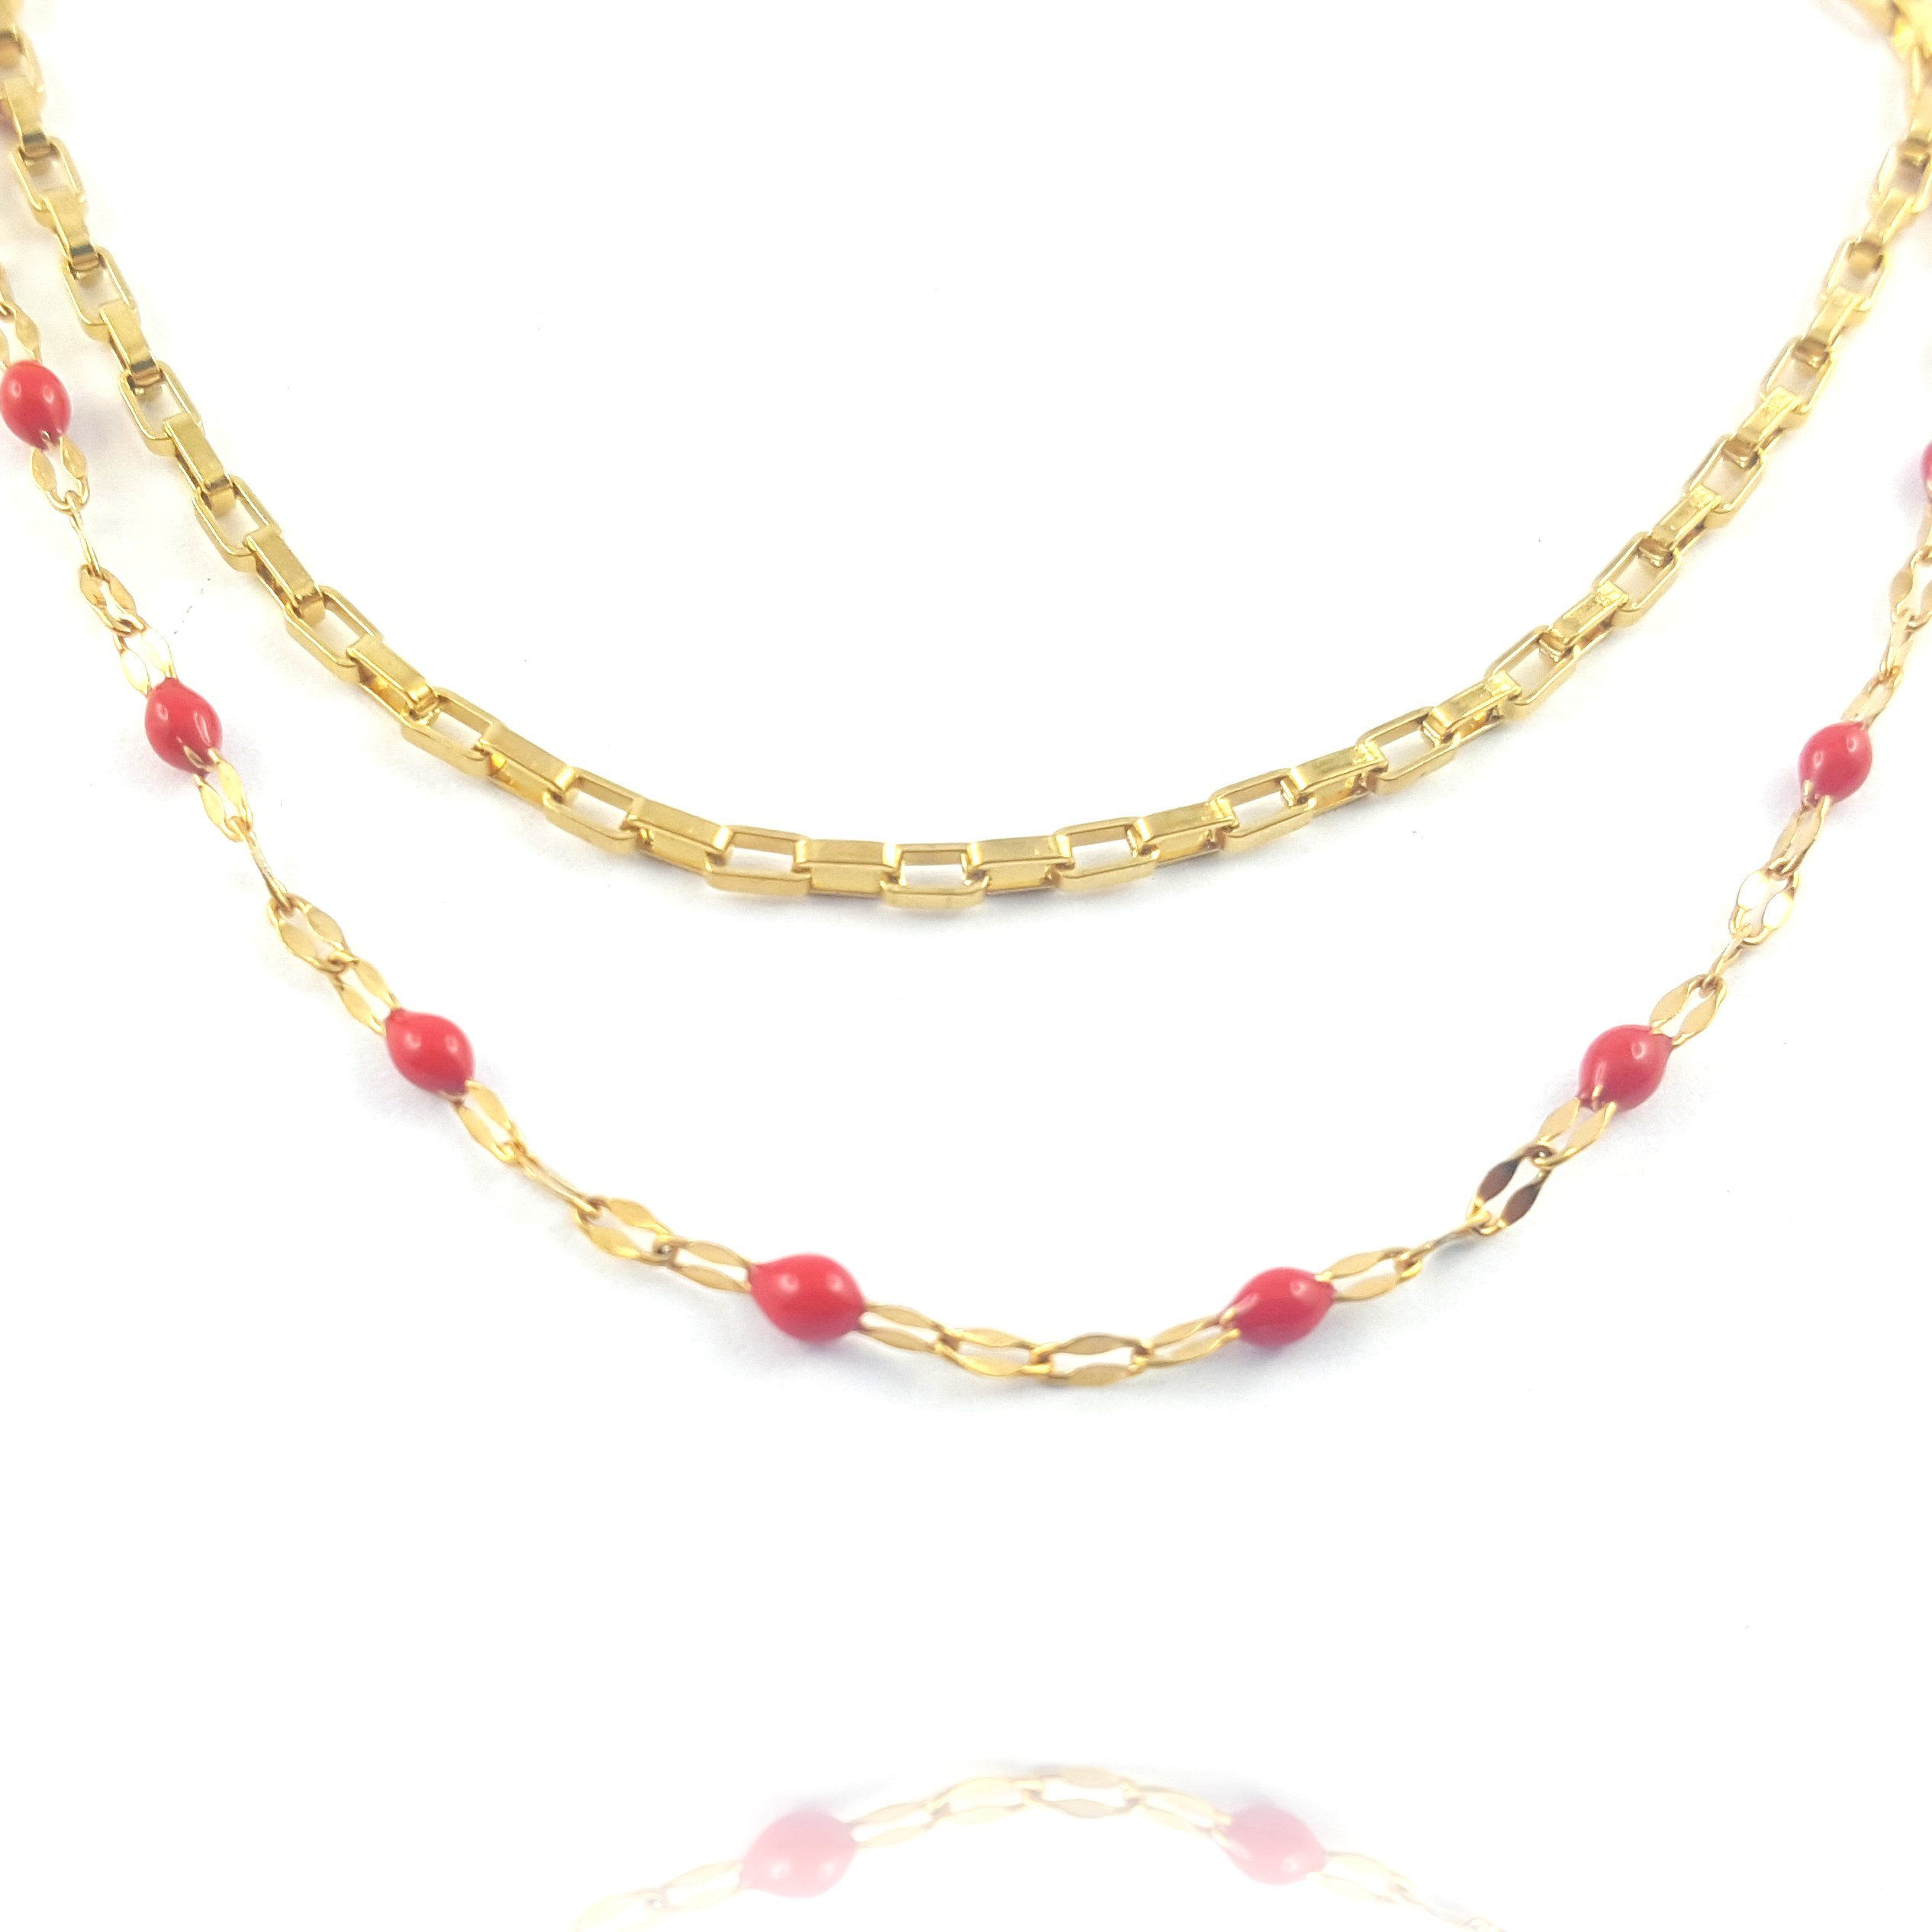 collier double chaîne dorée et rouge - identités bijoux